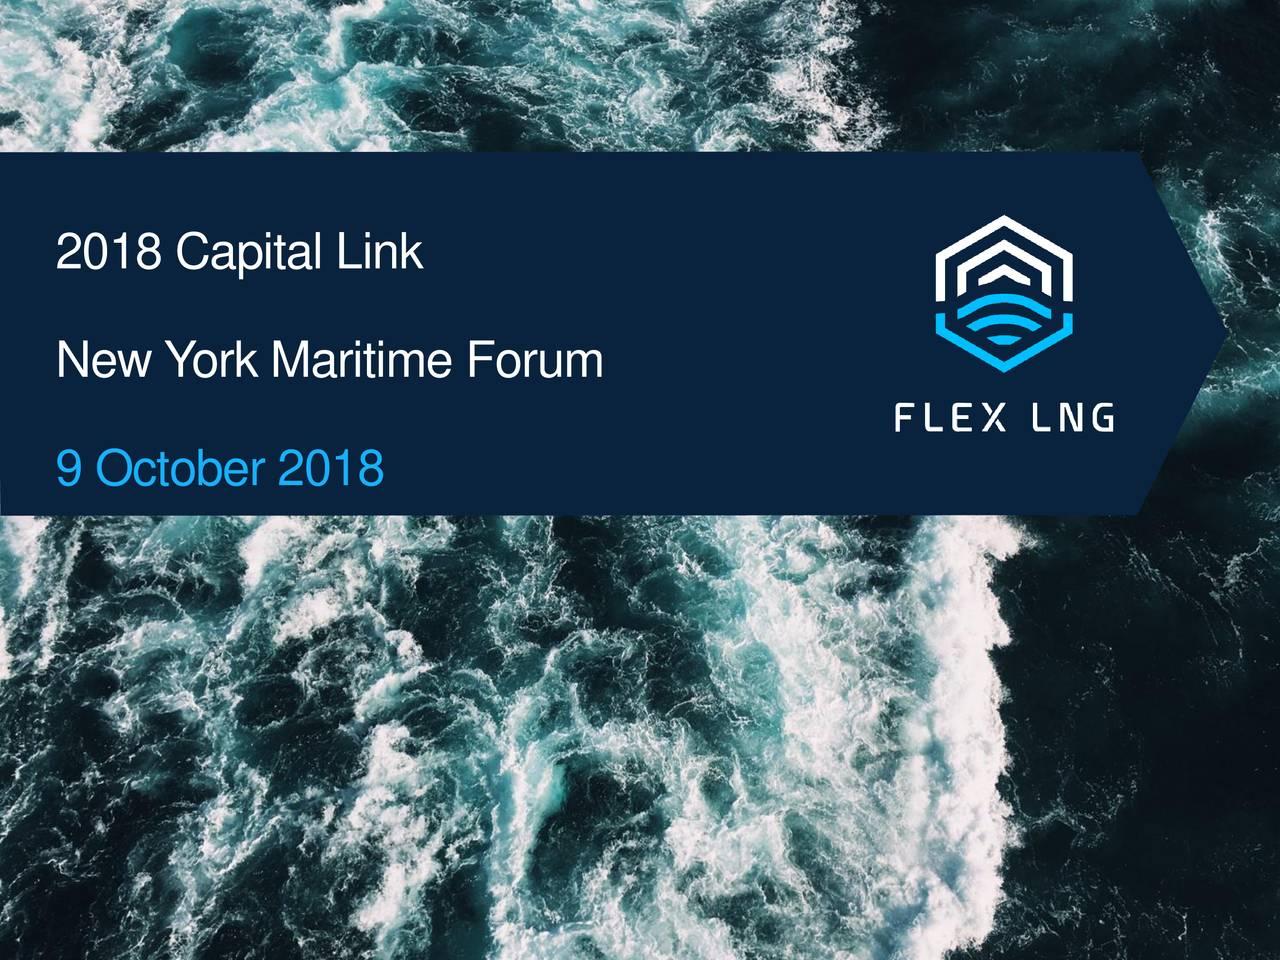 Flex LNG (FLXNF) Presents At 2018 Capital Link New York